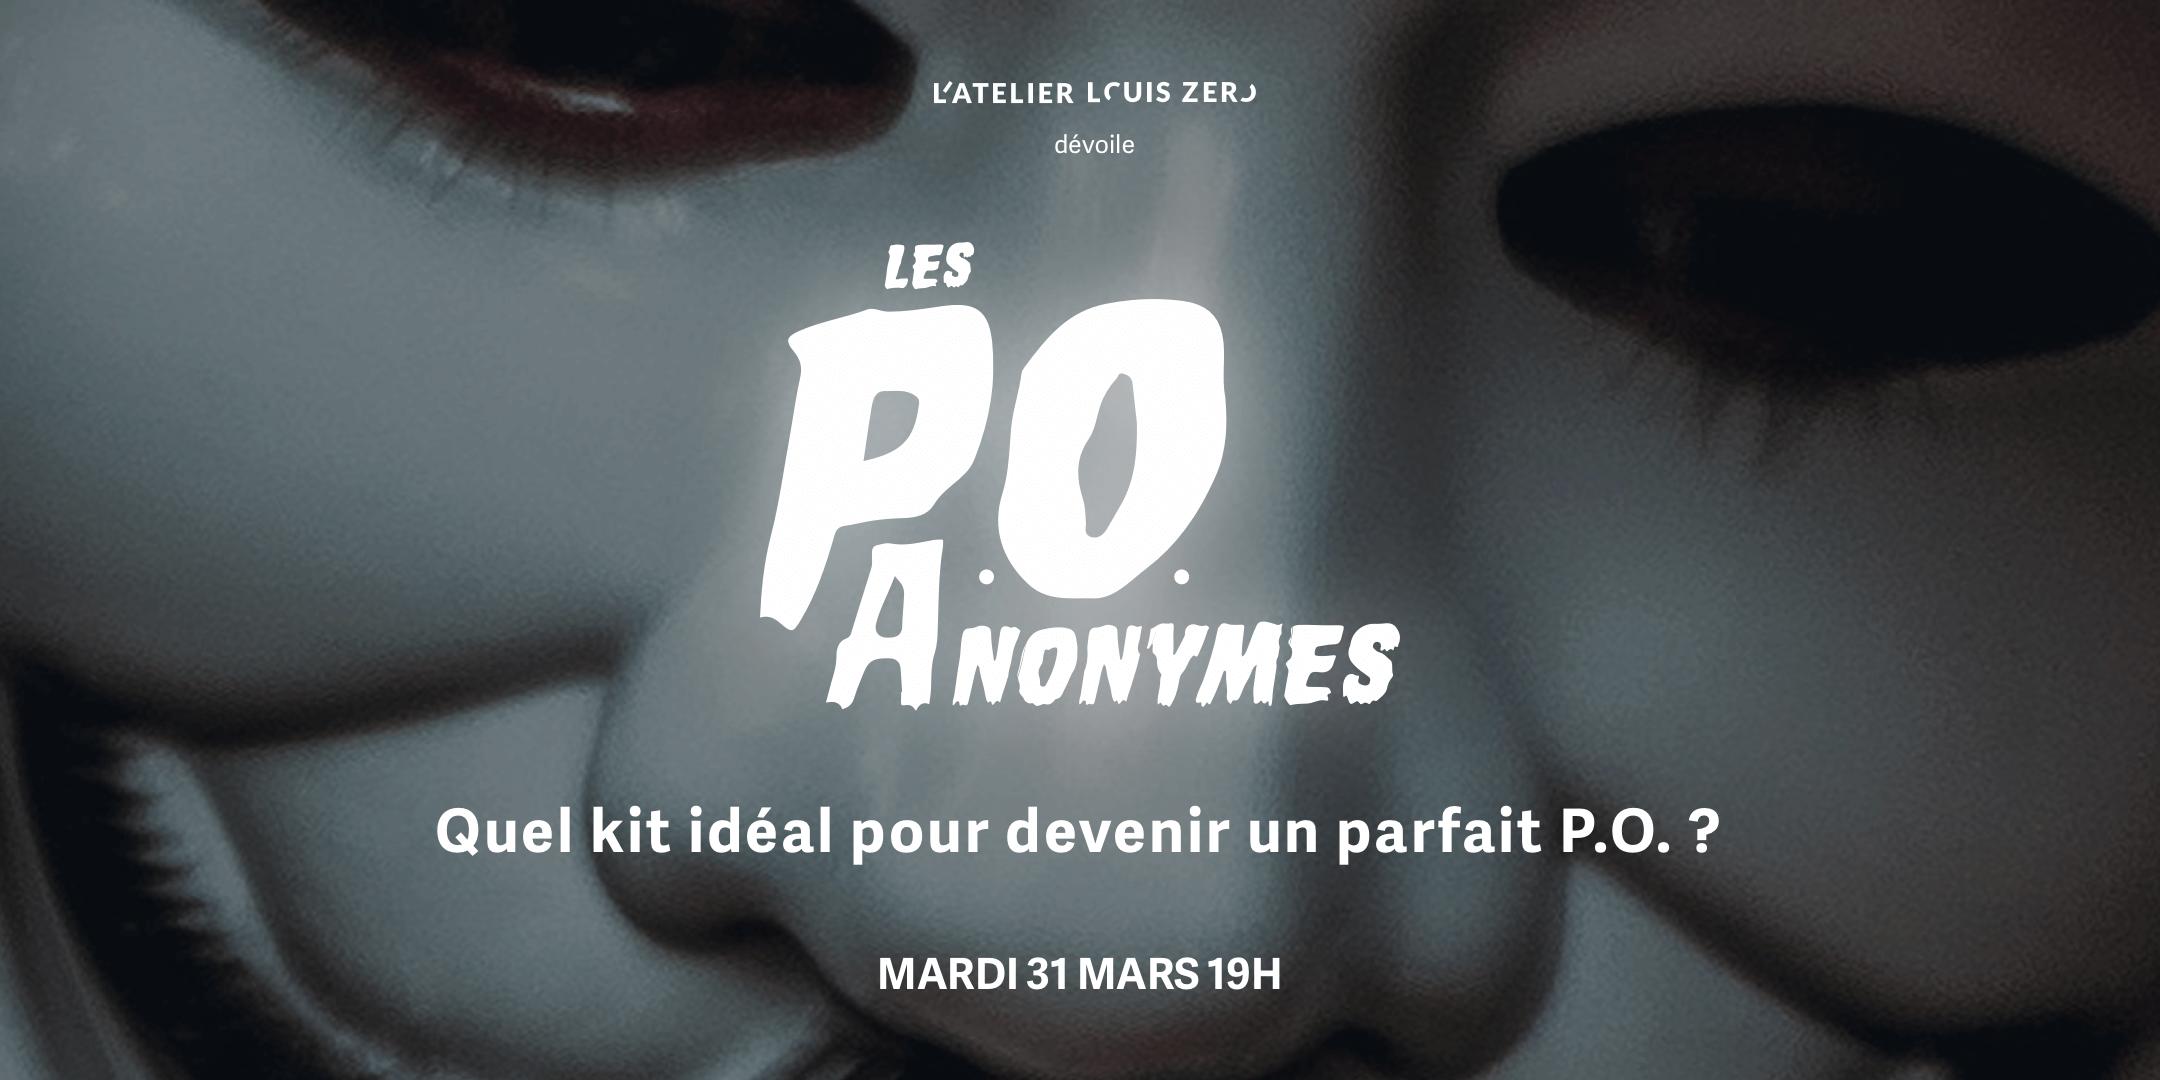 Les P.O. anonymes - quel kit idéal pour devenir un parfait P.O. ?